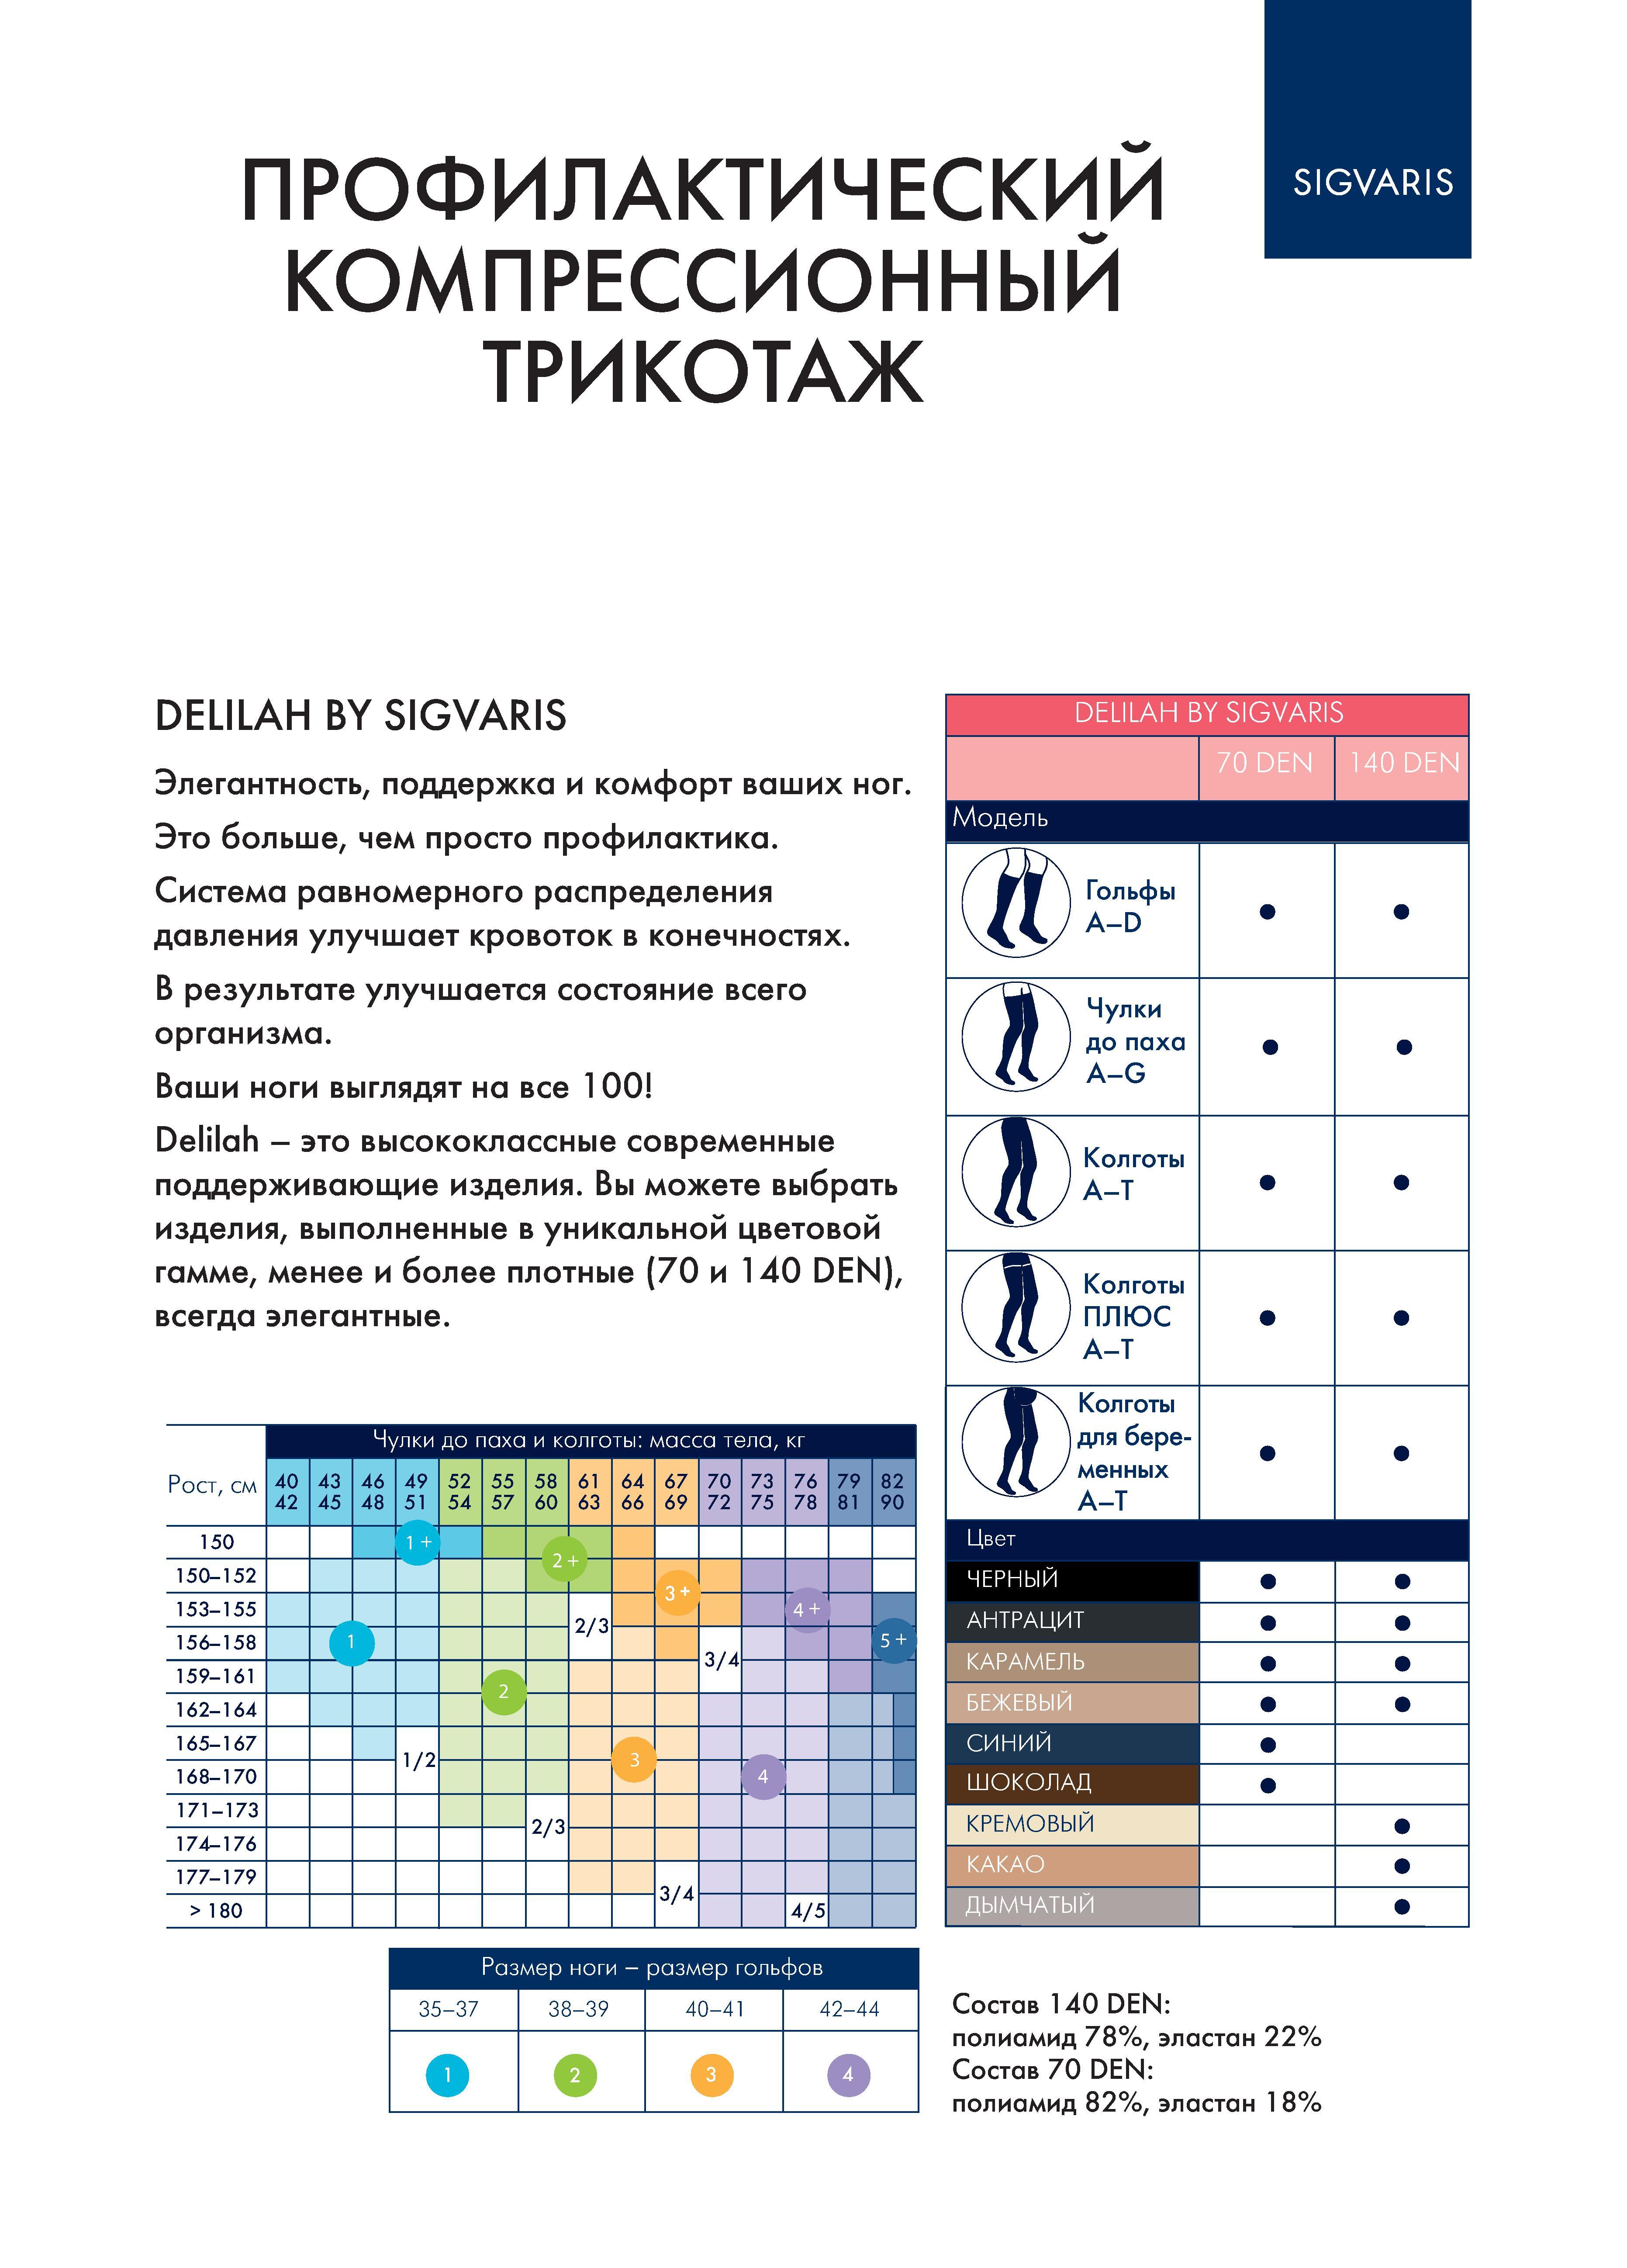 Схема подбора размера компрессионных изделий серии Delilah